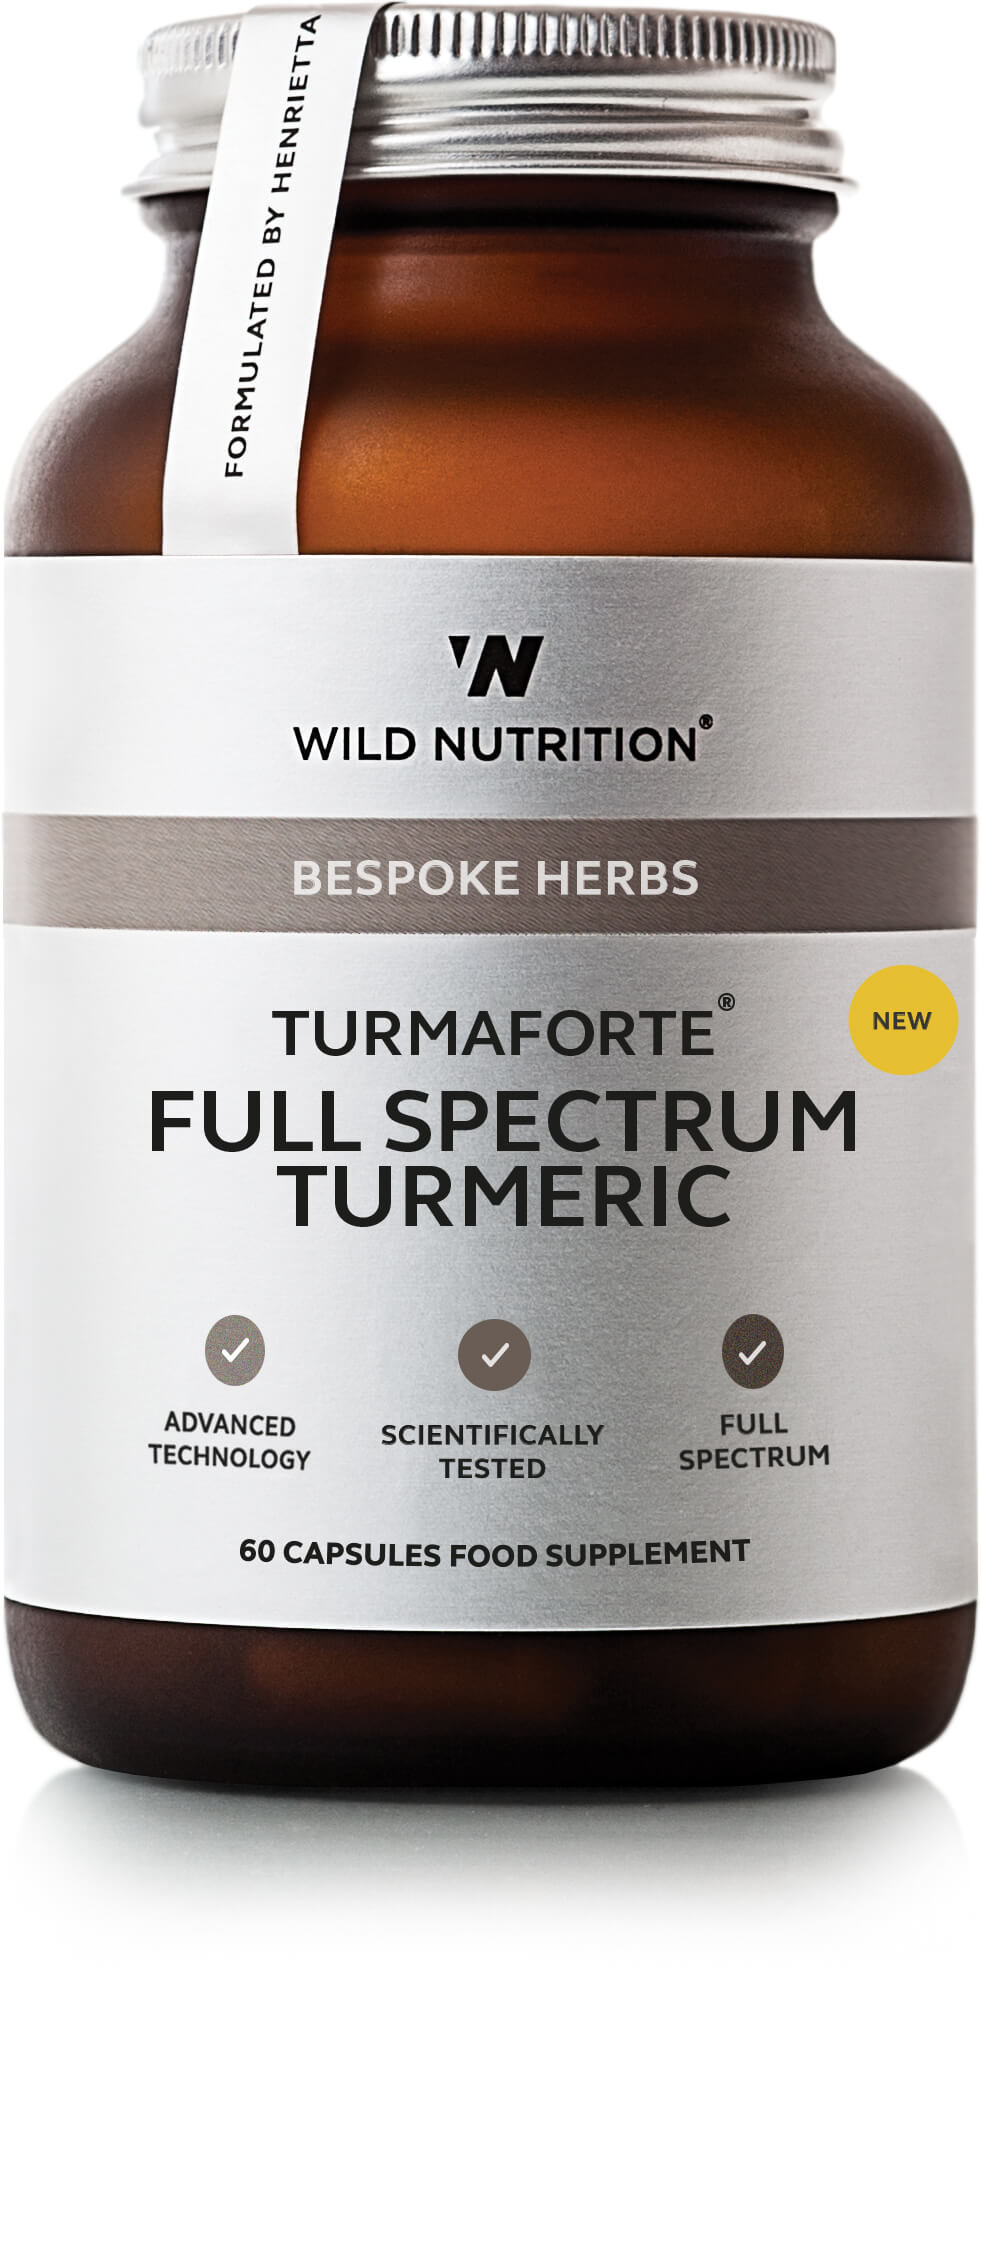 Bespoke Herbs Turmaforte Full Spectrum Turmeric 60's